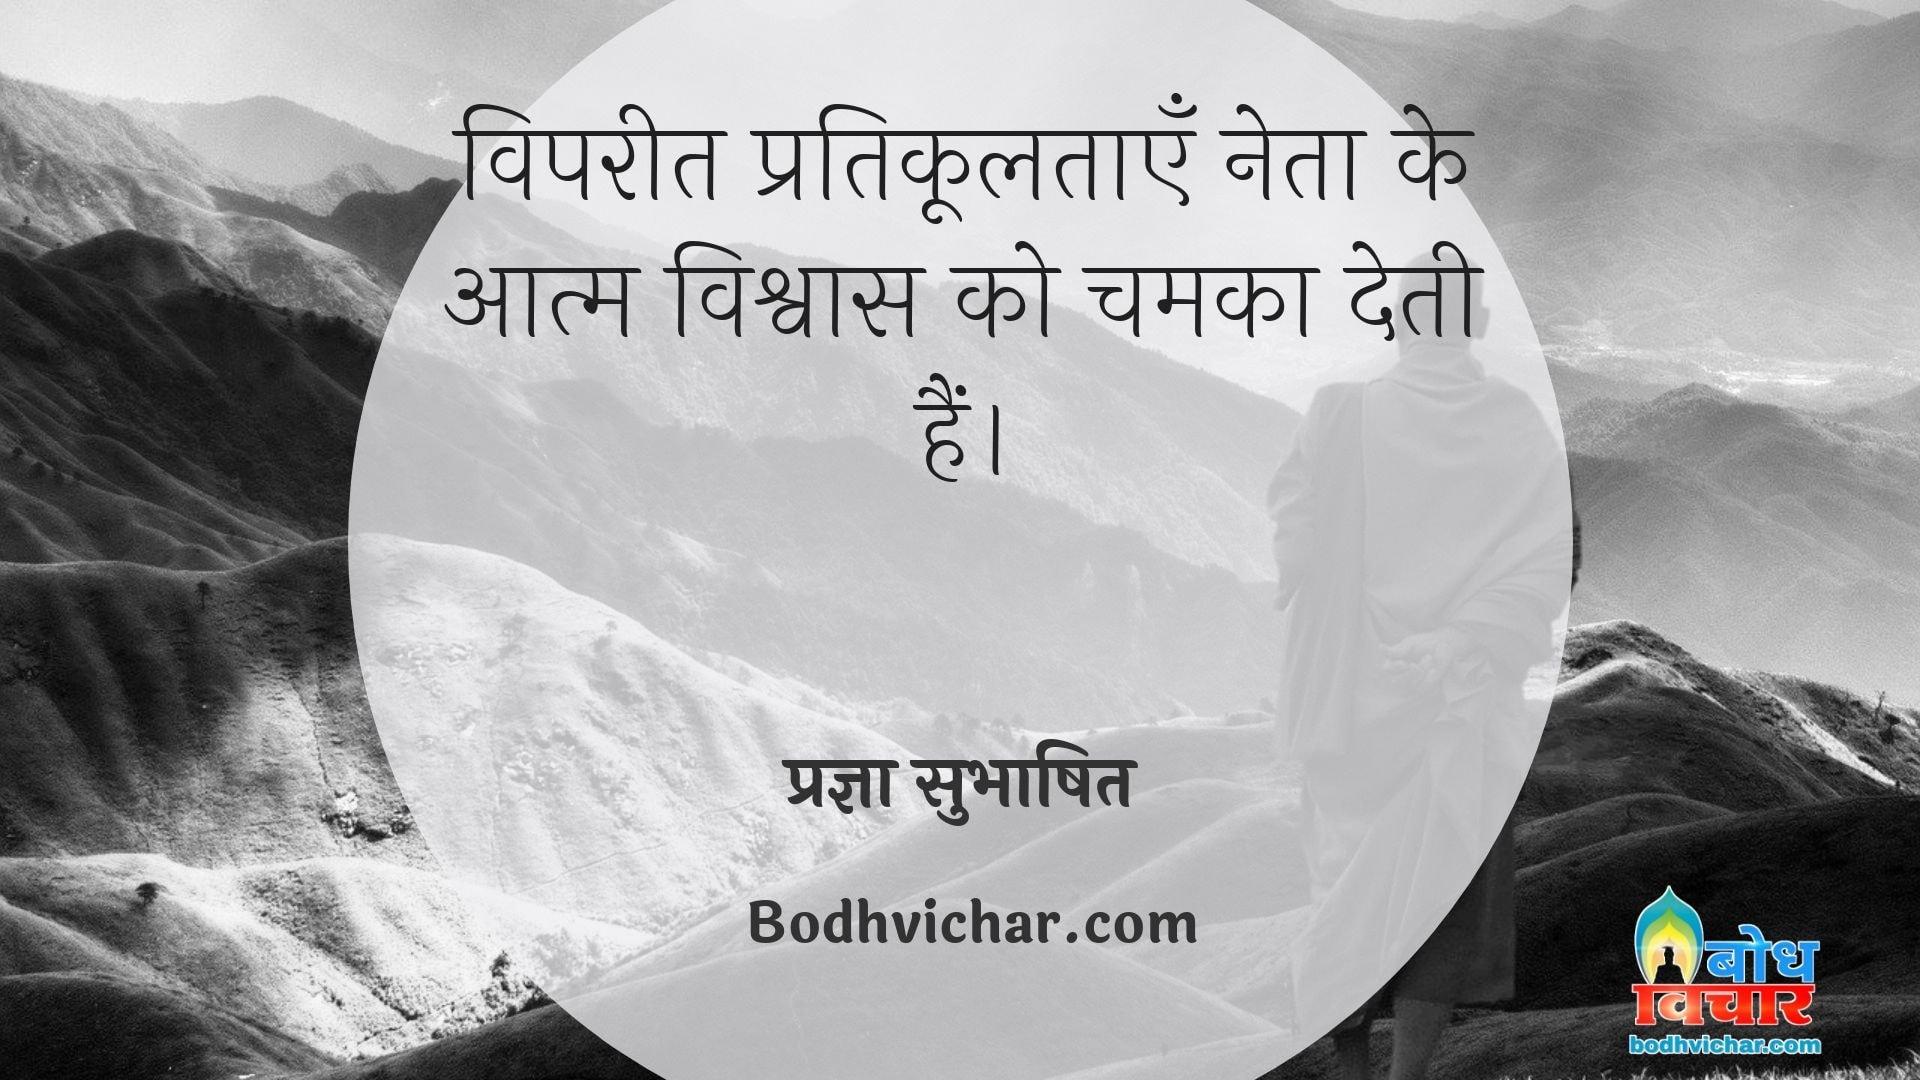 विपरीत प्रतिकूलताएँ नेता के आत्म विश्वास को चमका देती हैं। : Vipareet pratikooltaye neta ke aatm-vishwas ko chamka deti hain. - प्रज्ञा सुभाषित